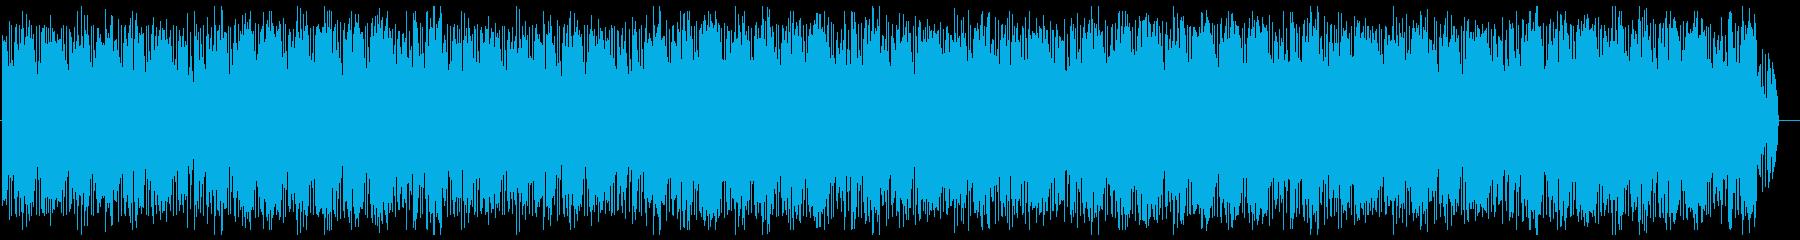 新世紀実験 不条理 奇妙な シンセ...の再生済みの波形